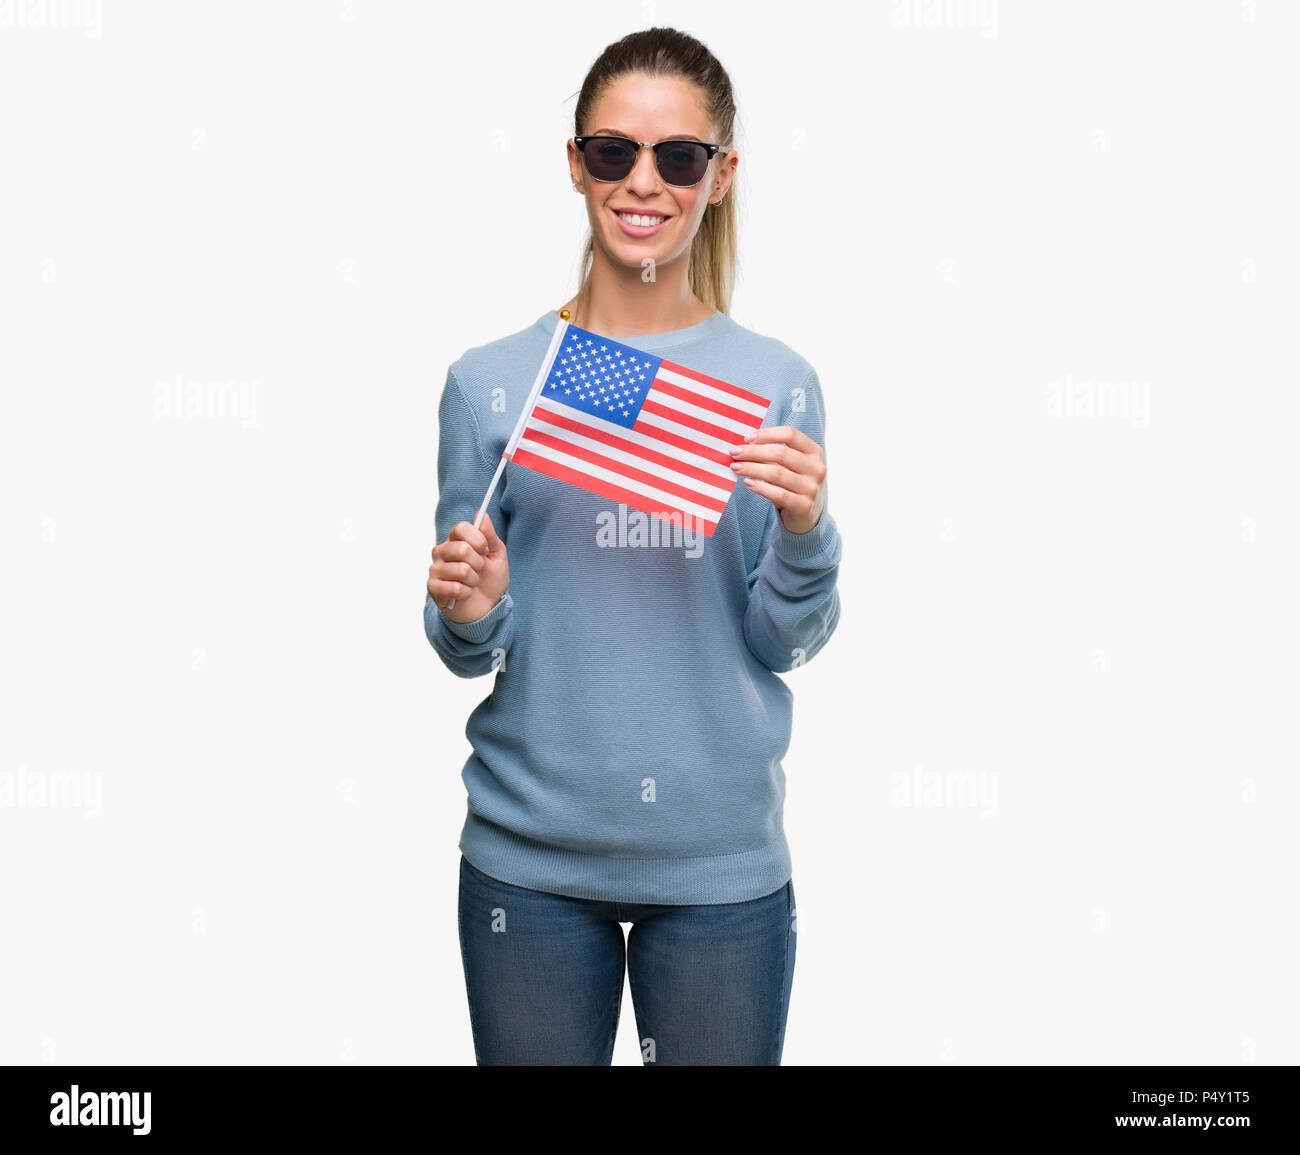 Belle Jeune femme tenant un drapeau USA avec un visage heureux et souriant debout avec un sourire confiant montrant les dents Photo Stock